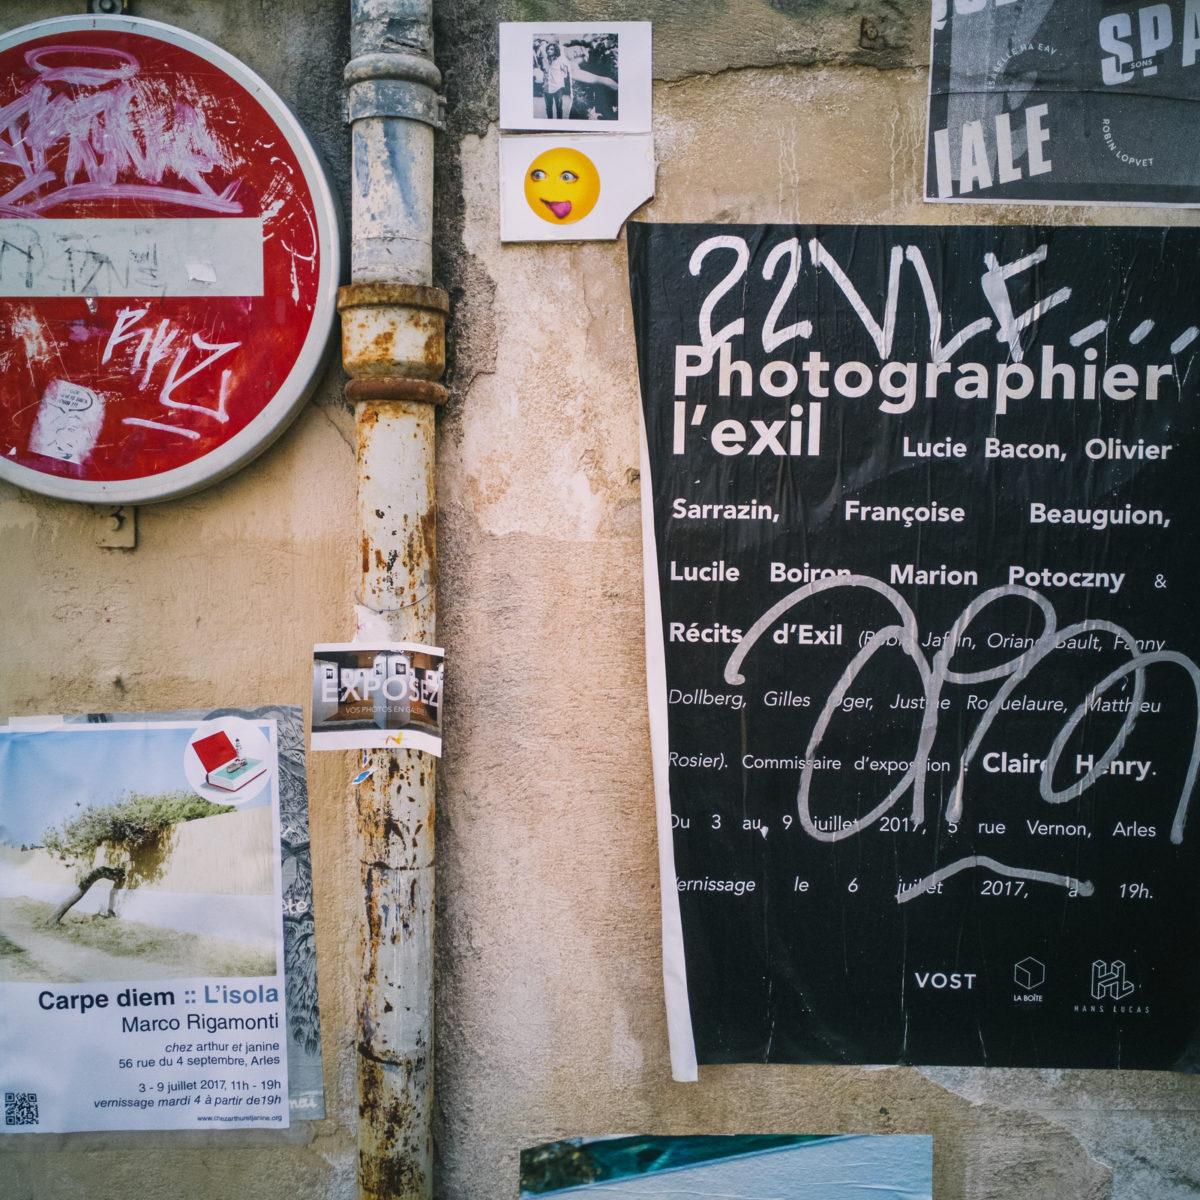 aliocha boi arles photographie surfaces mur streetart4 - Le photographe Aliocha Boi révèle la façade street d'Arles